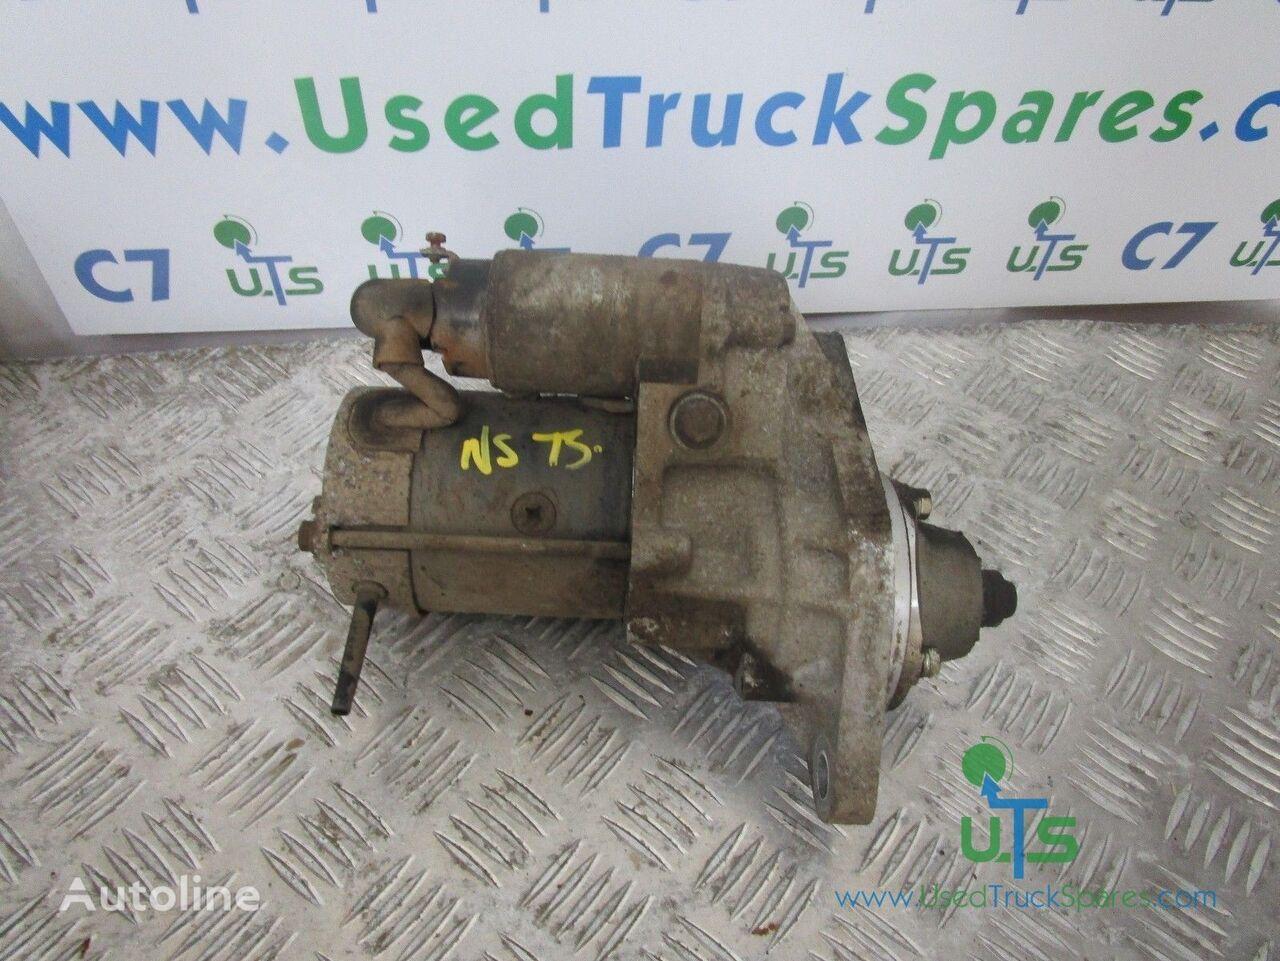 ISUZU STARTER MOTOR arrancador para ISUZU N75 190  camión